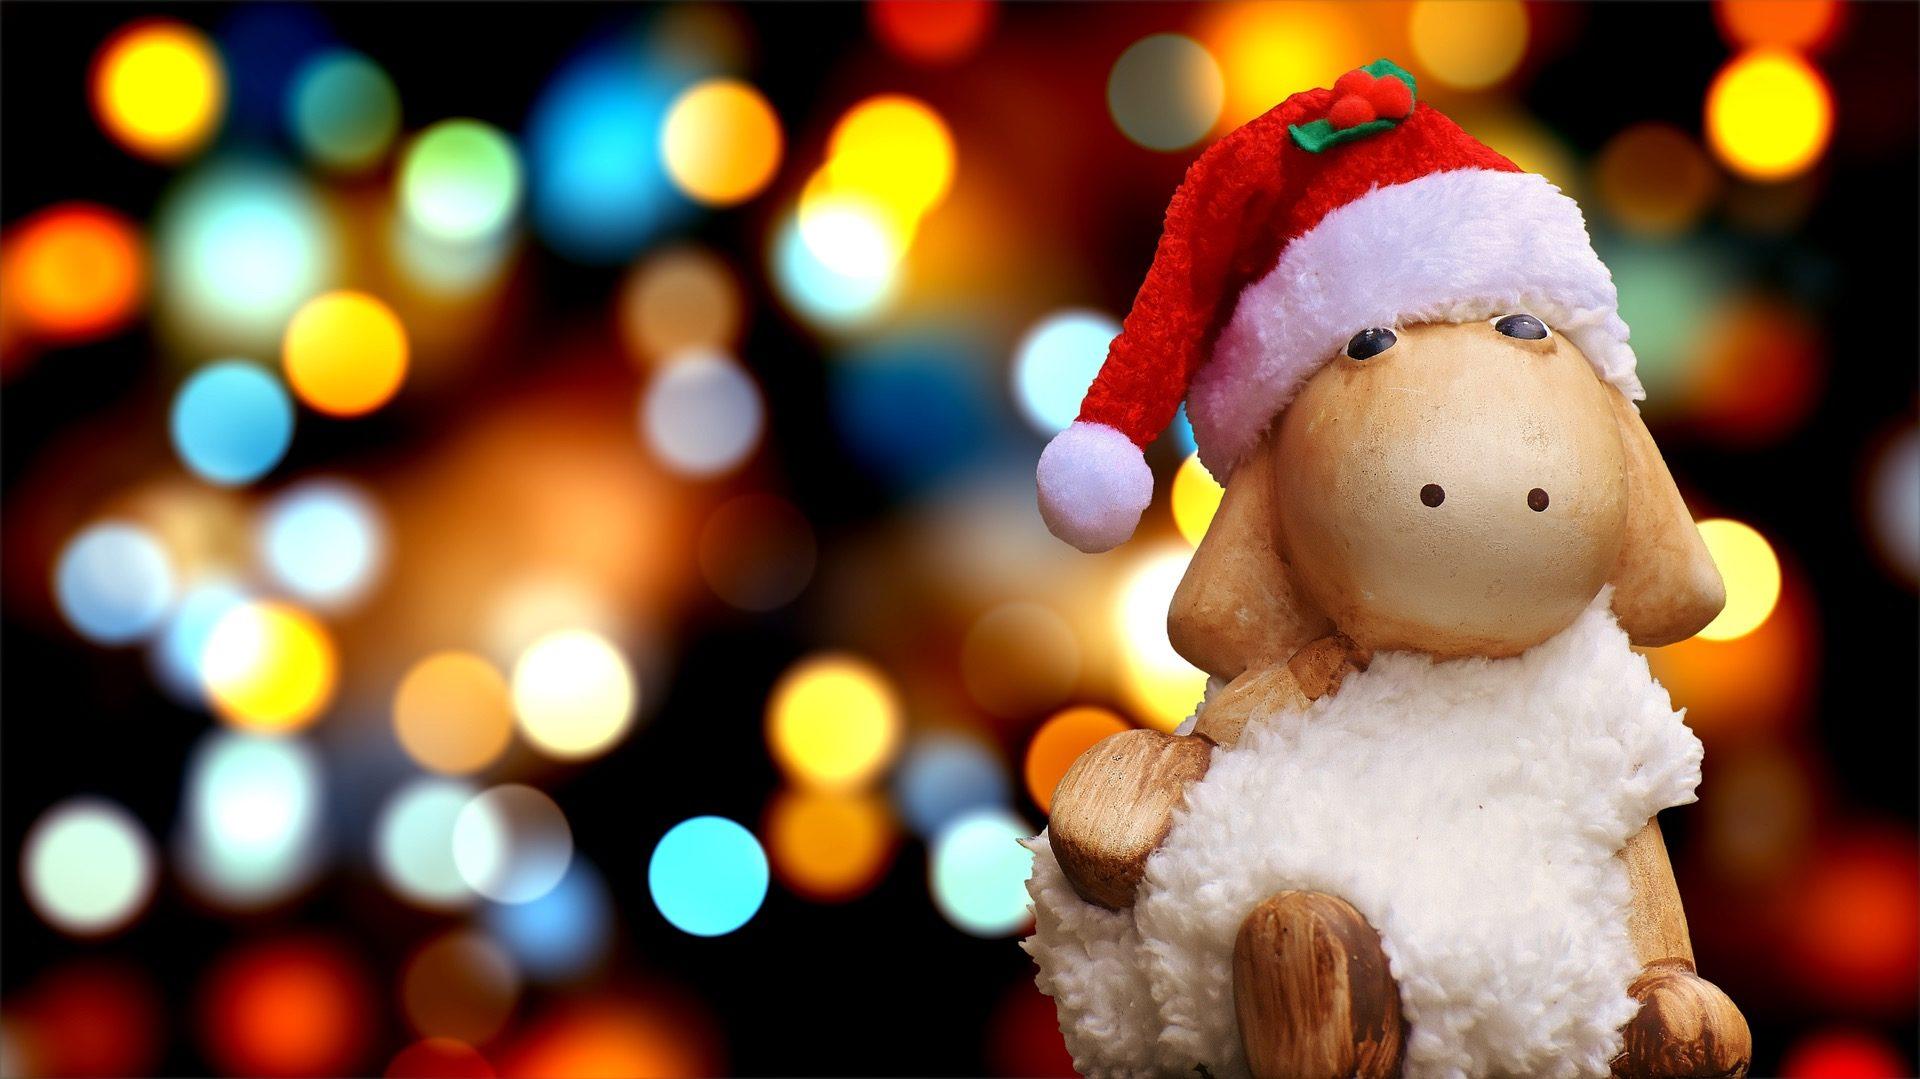 羊, 雪人, 帽, 图, 木材, 圣诞节 - 高清壁纸 - 教授-falken.com